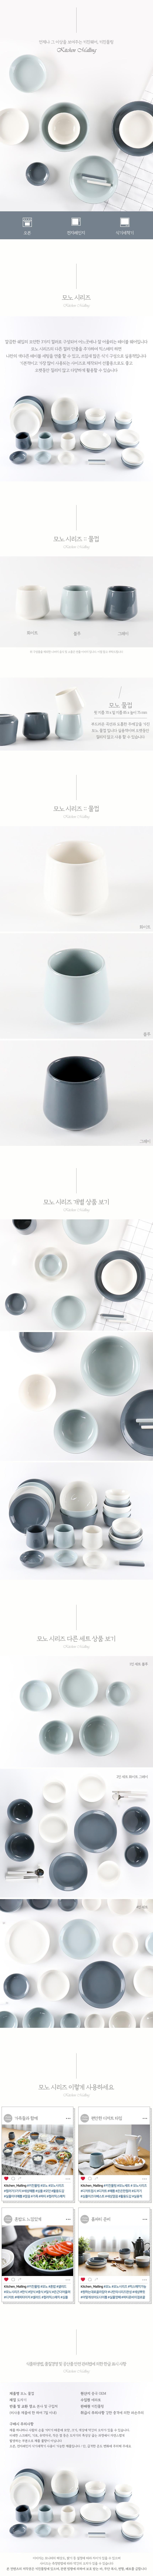 심플한 모노 물컵 3color - 키친몰링, 4,800원, 머그컵, 심플머그